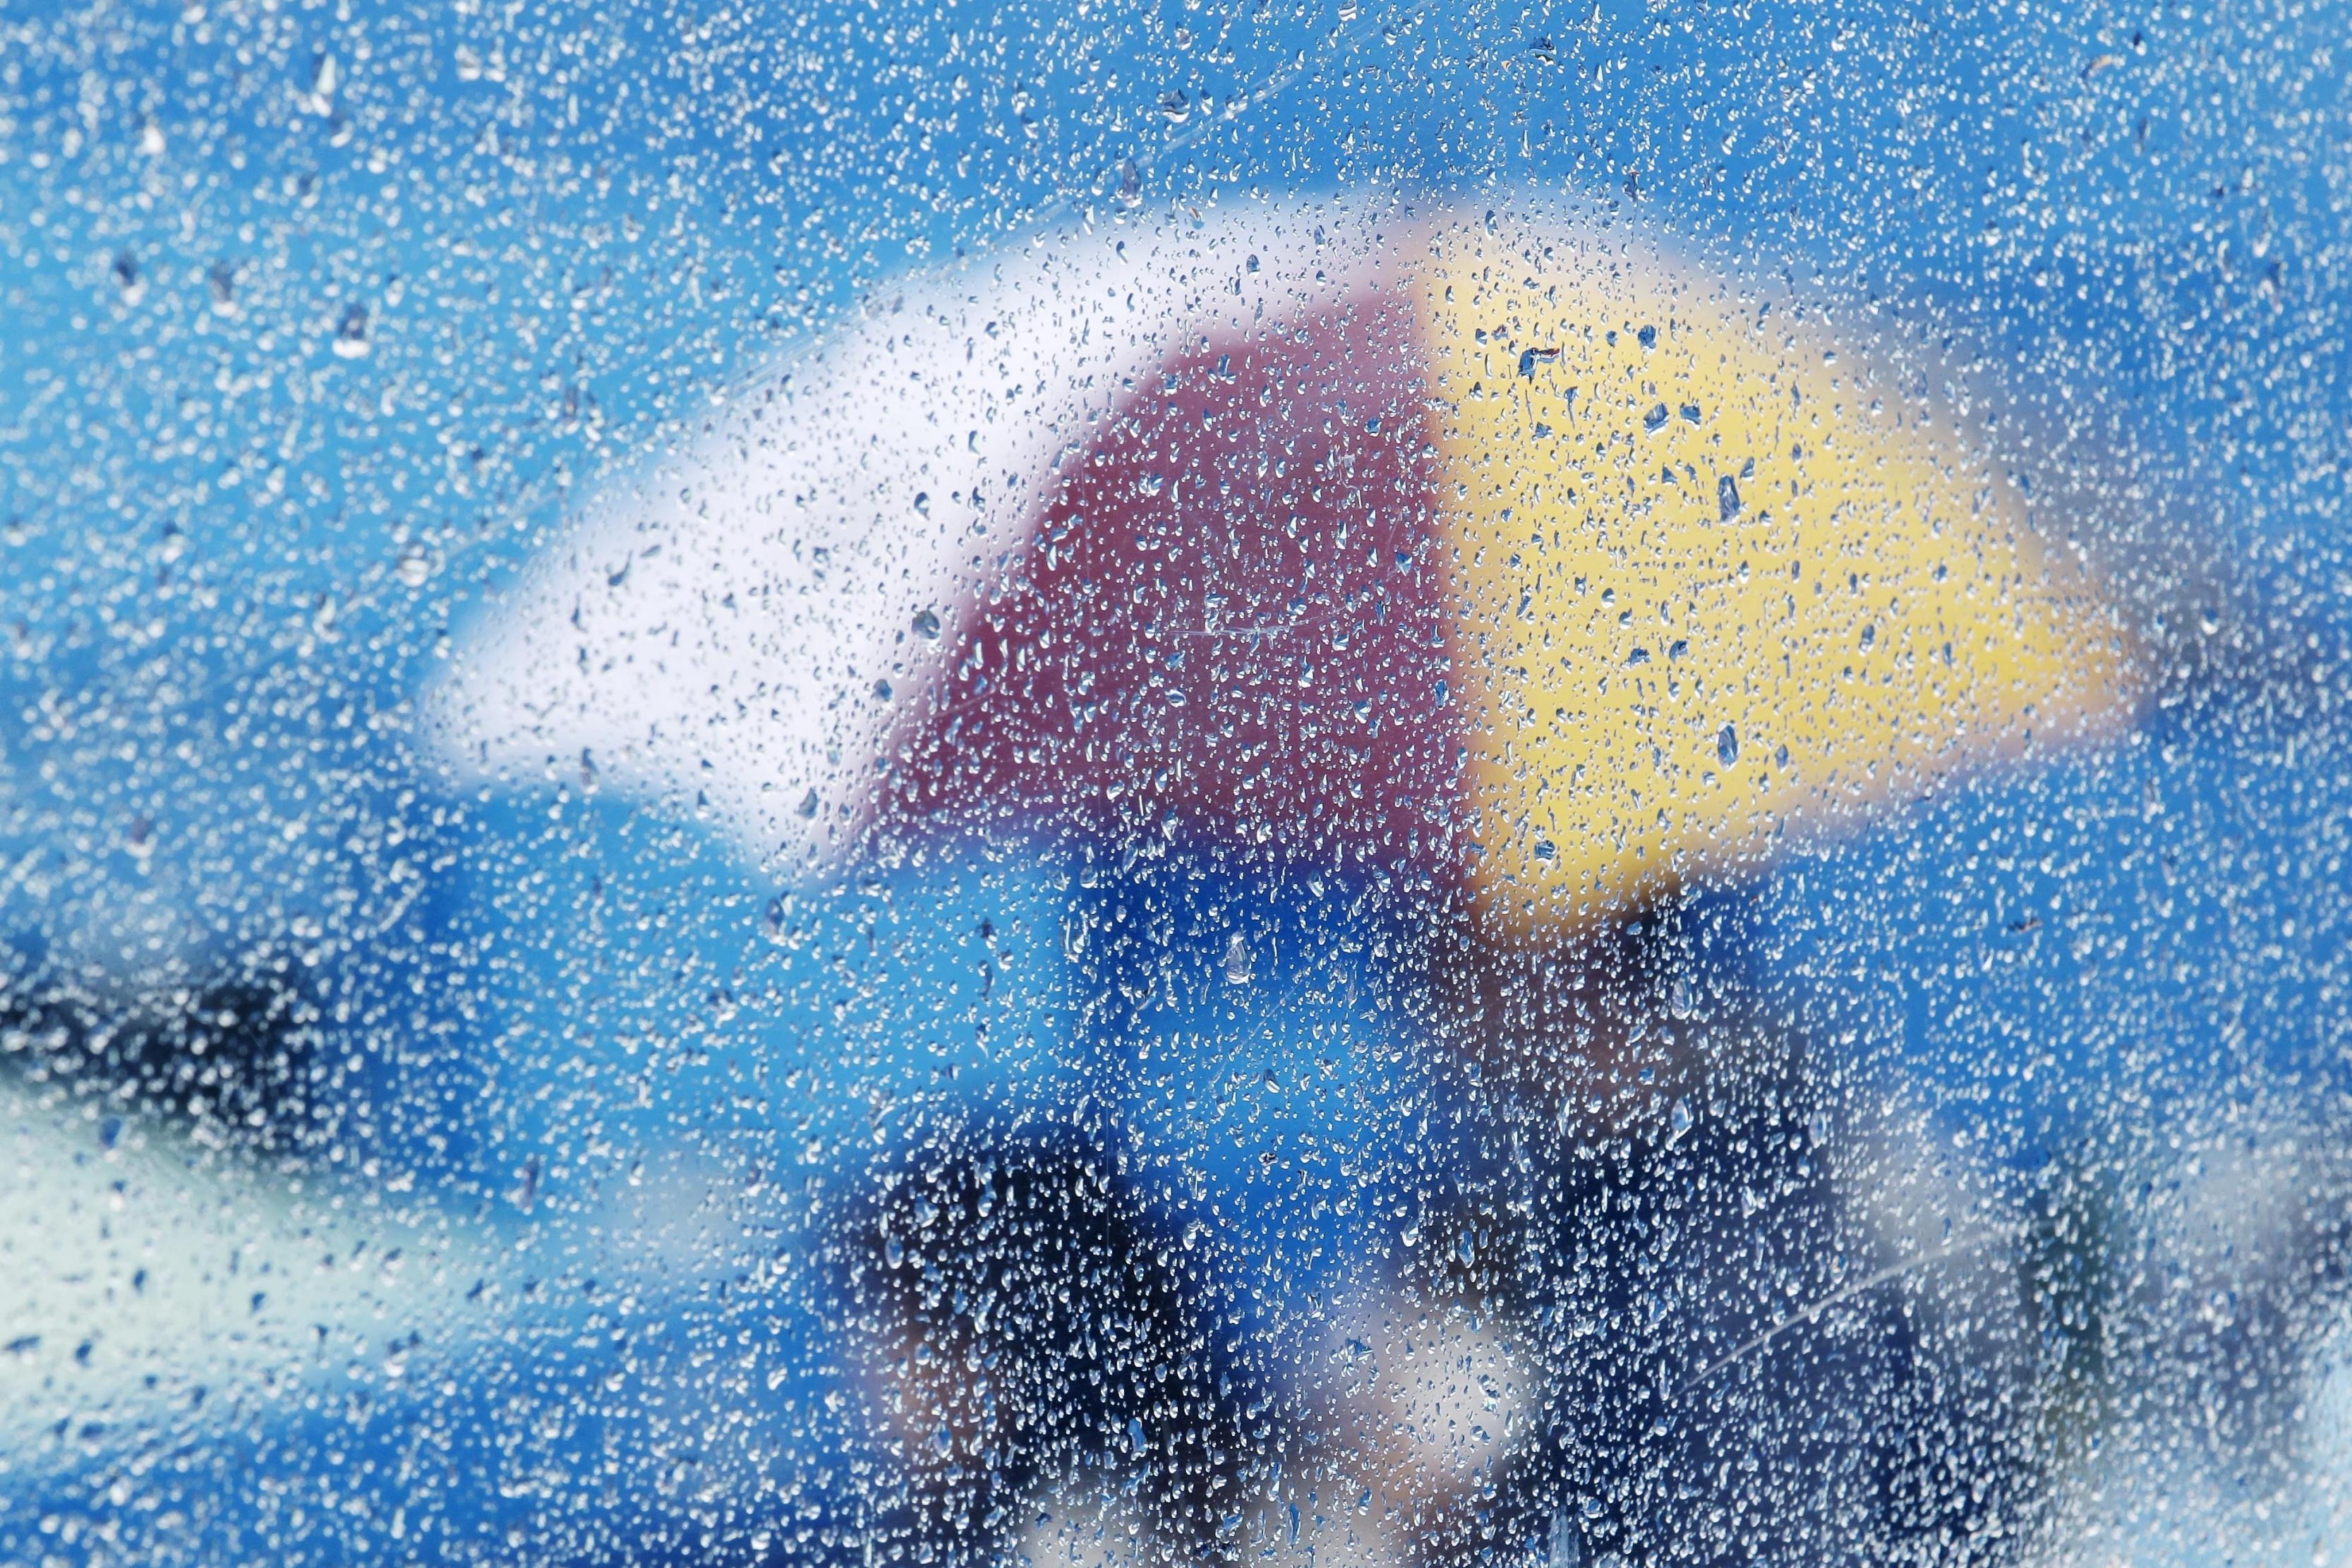 بالصور خلفيات مطر , الشتاء قادم يا عشاق المطر 6155 8